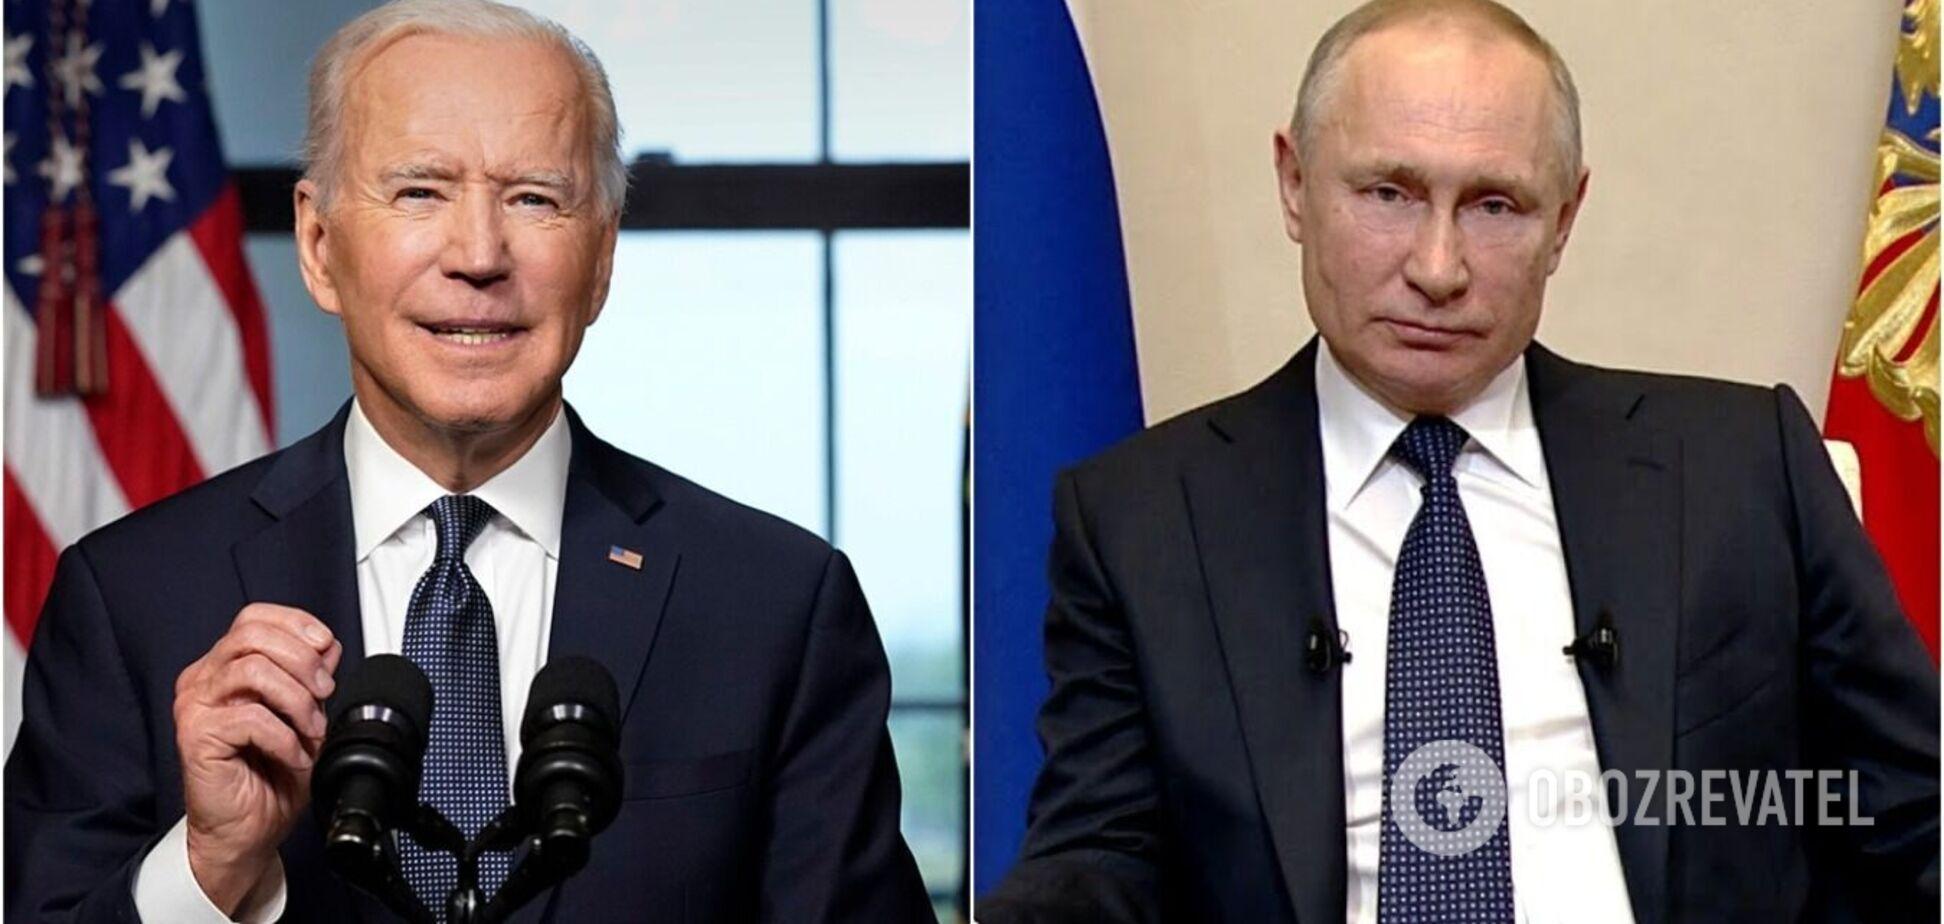 Президенты США и России провели встречу 16 июня в Женеве